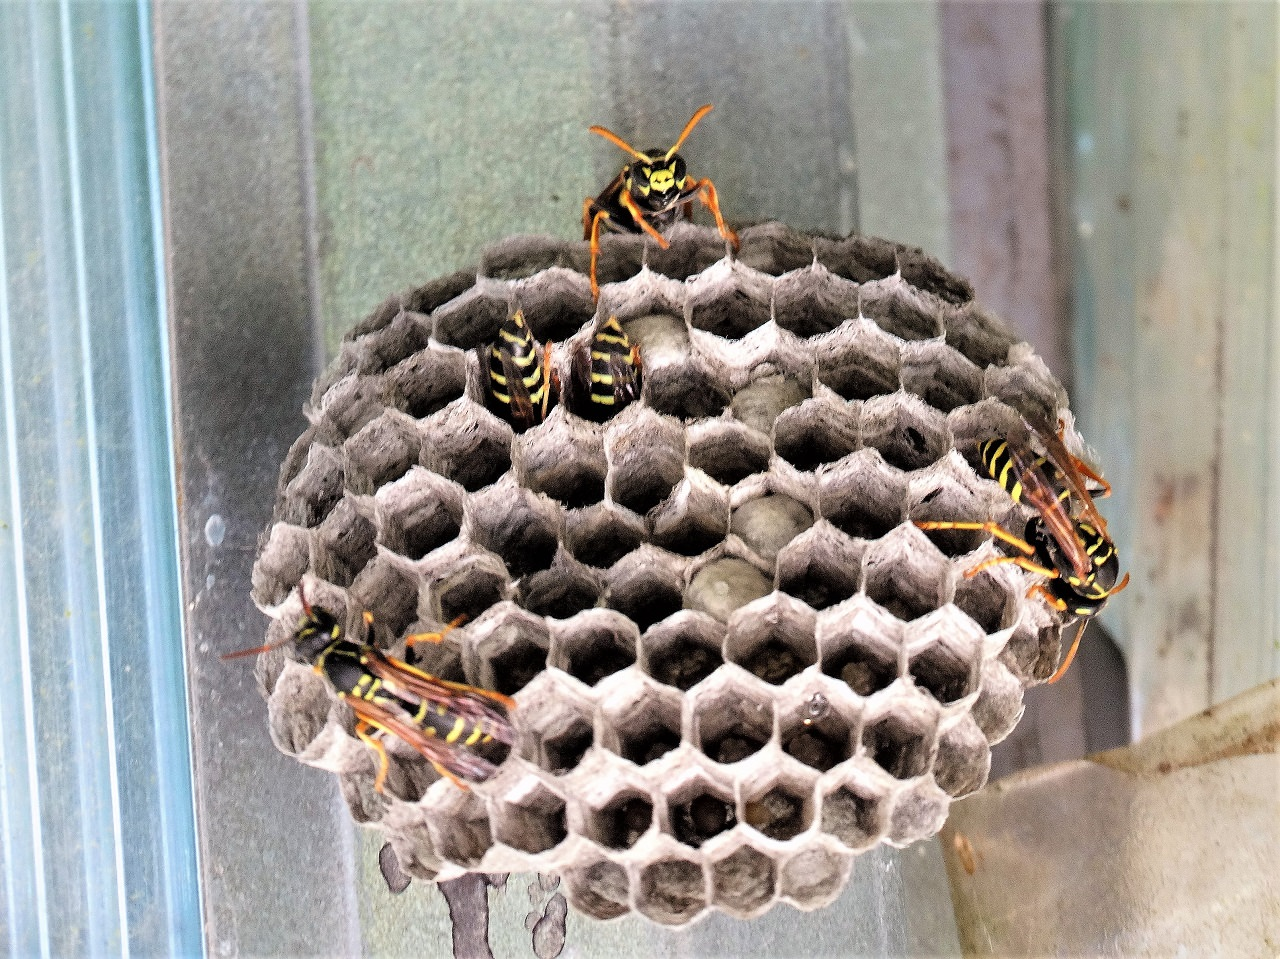 Как отличить осиное гнездо от пчелиного. чем отличается пчела от осы. итальянская порода: фото